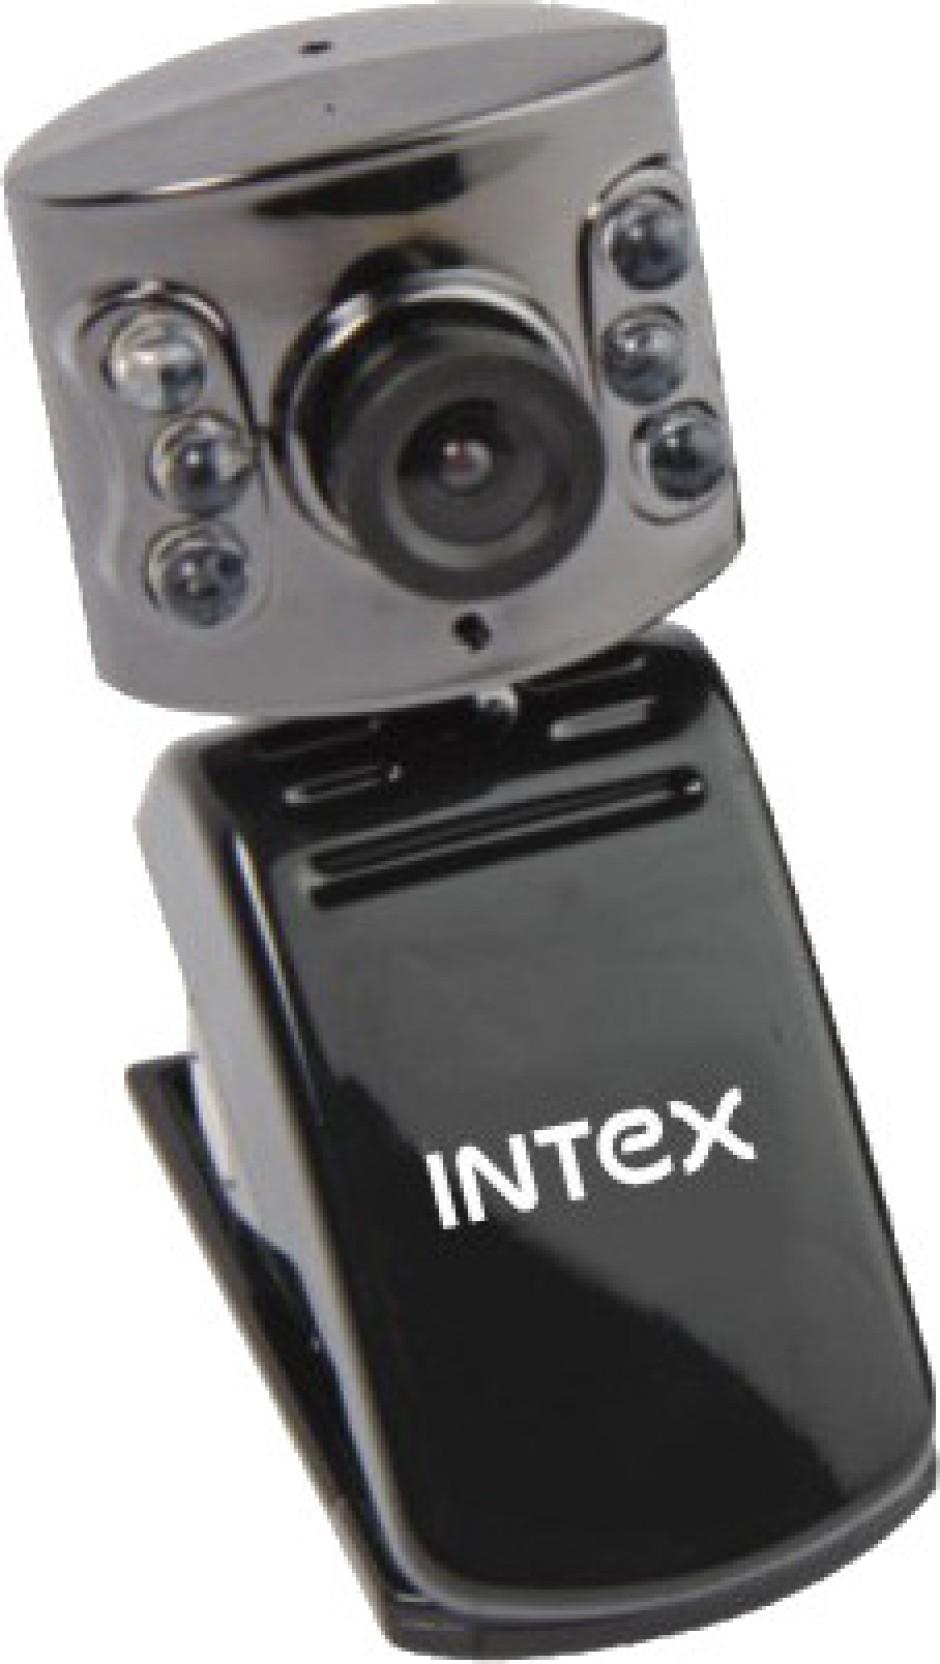 Intex it-306wc